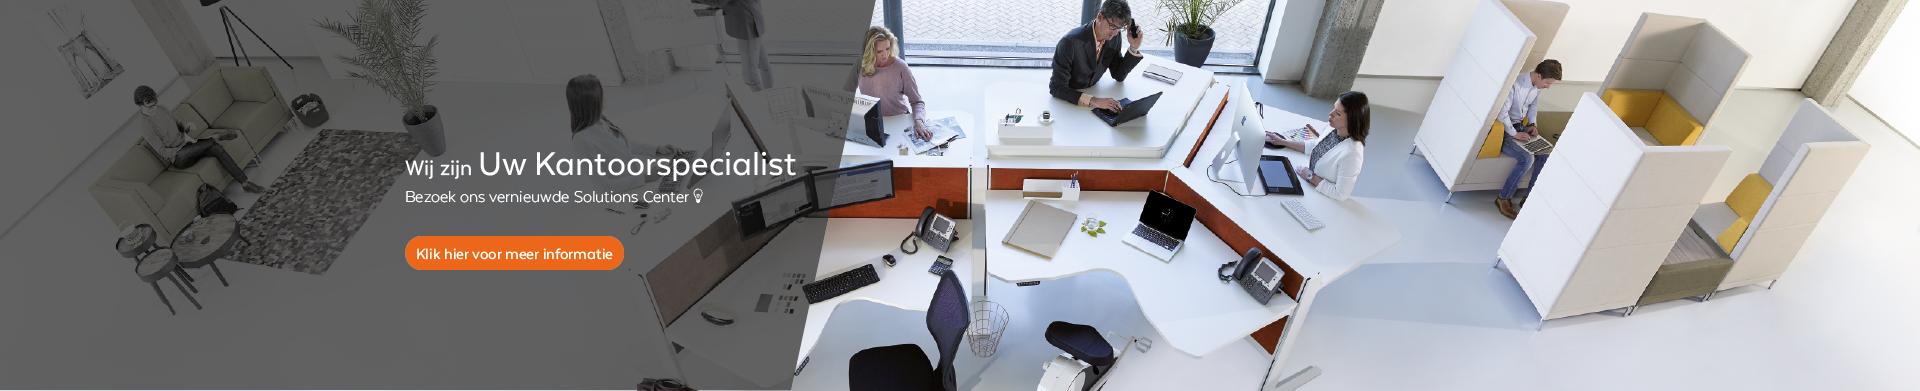 Van Lith Supplies Uw Kantoorspecialist Bekijk ons vernieuwde Solutions Center